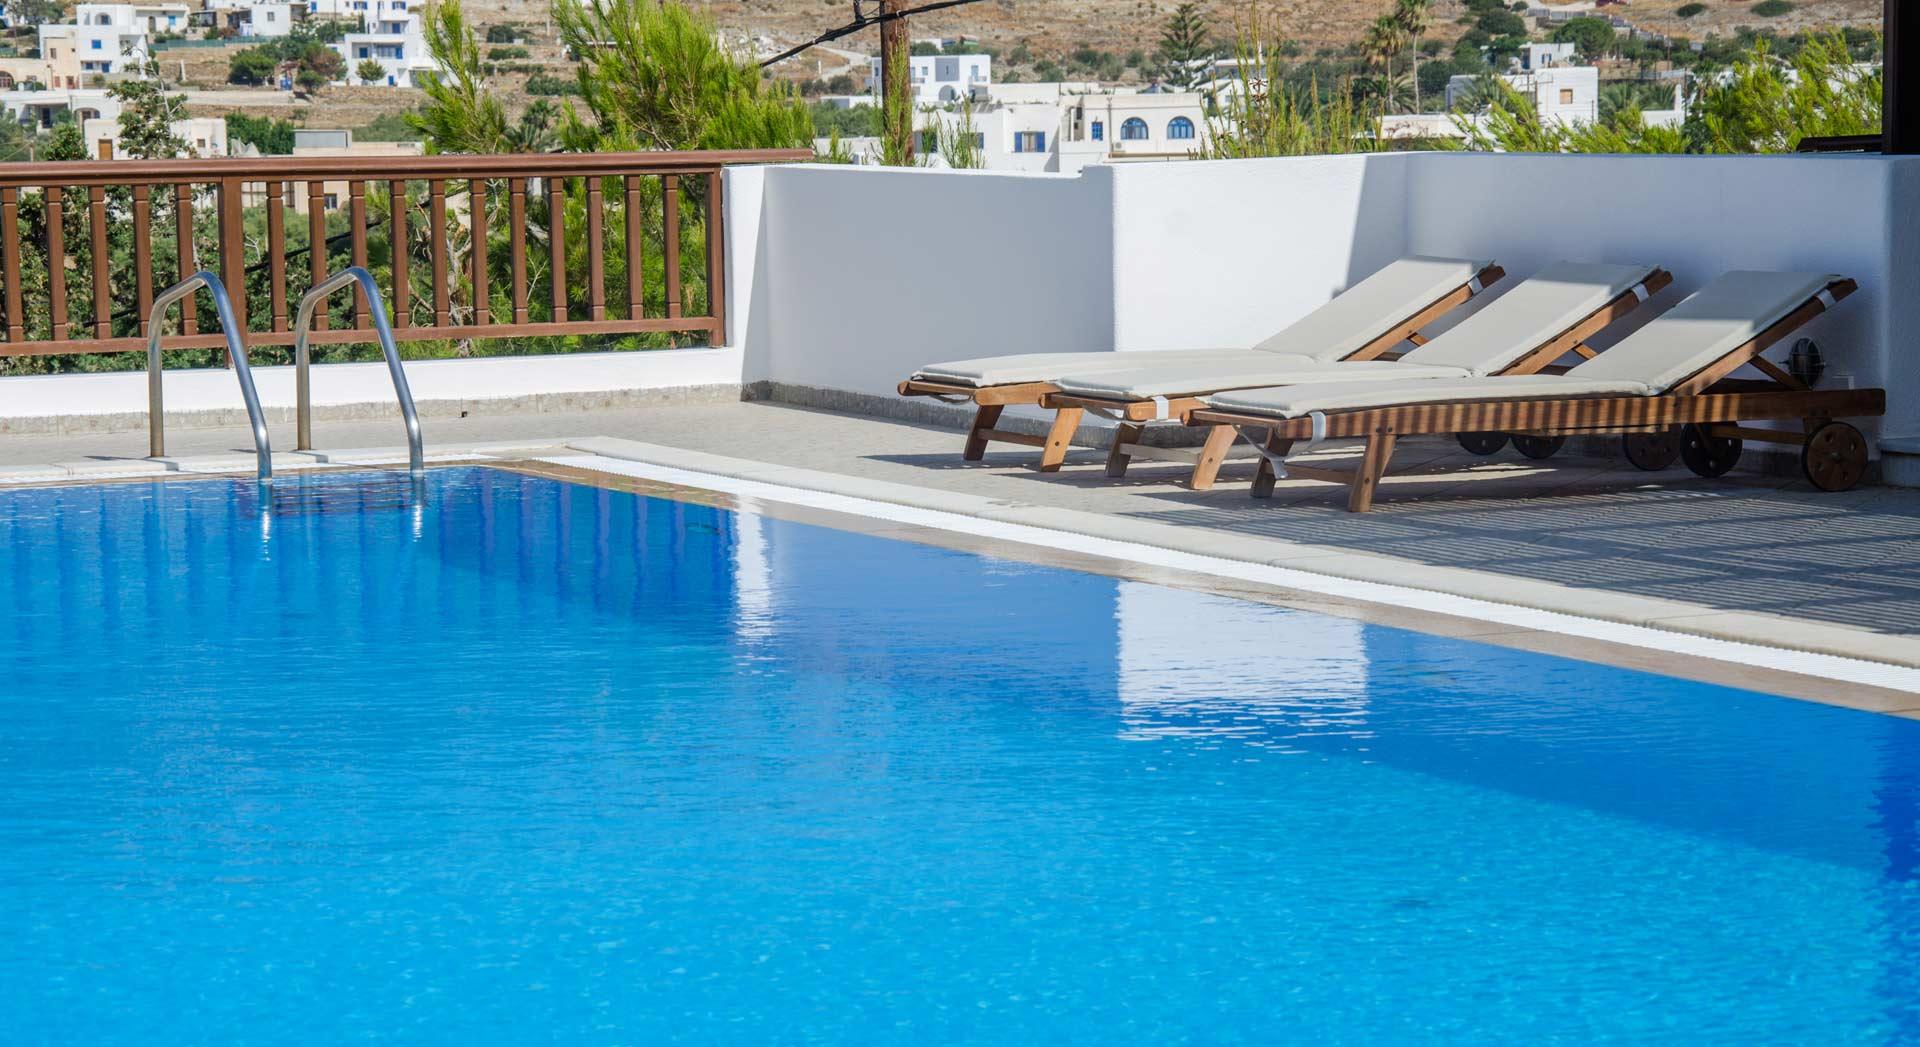 Απολαύστε ελληνική φιλοξενία και ζεστή οικογενειακή ατμόσφαιρα